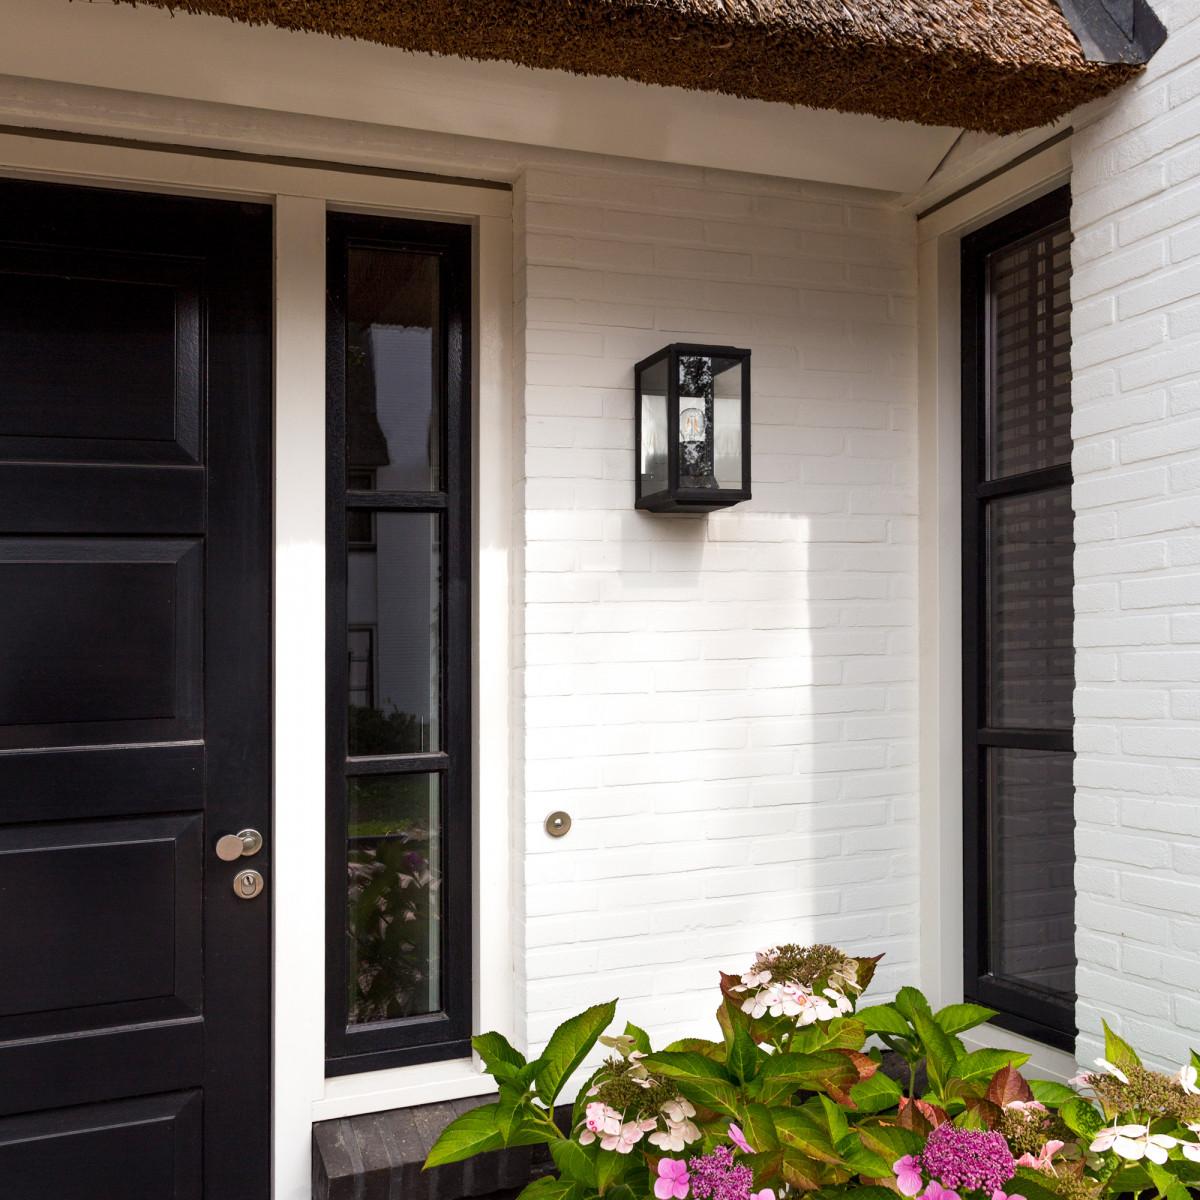 Buitenlamp box design met zwart frame wandlamp voor buiten met  vlakke achterzijde, reflector, helder glas merk KS Verlichting